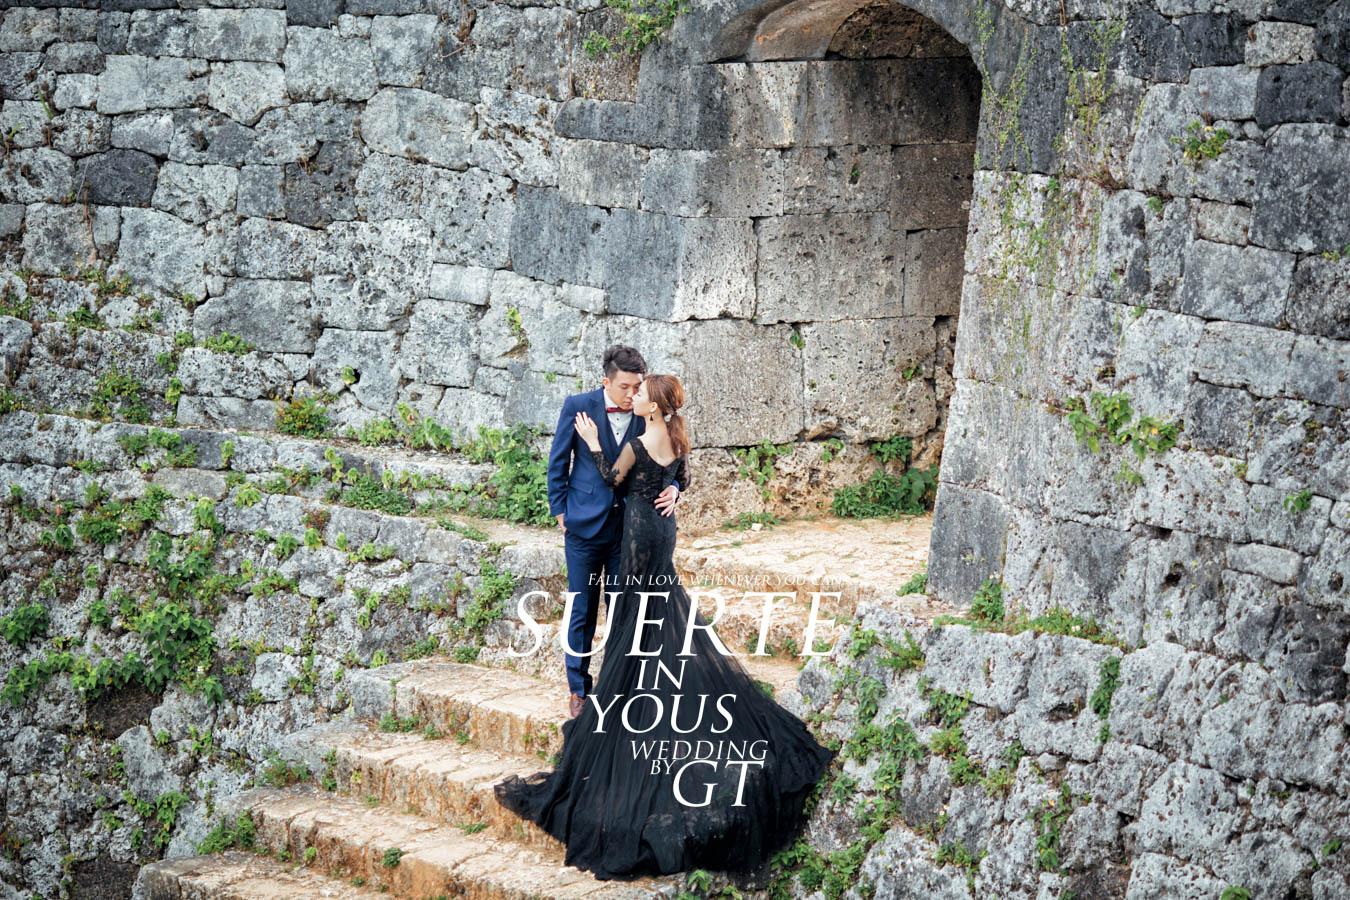 自助婚紗   佳憲+怡婷   PREWEDDING 沖繩 海外婚紗 GT日本婚紗